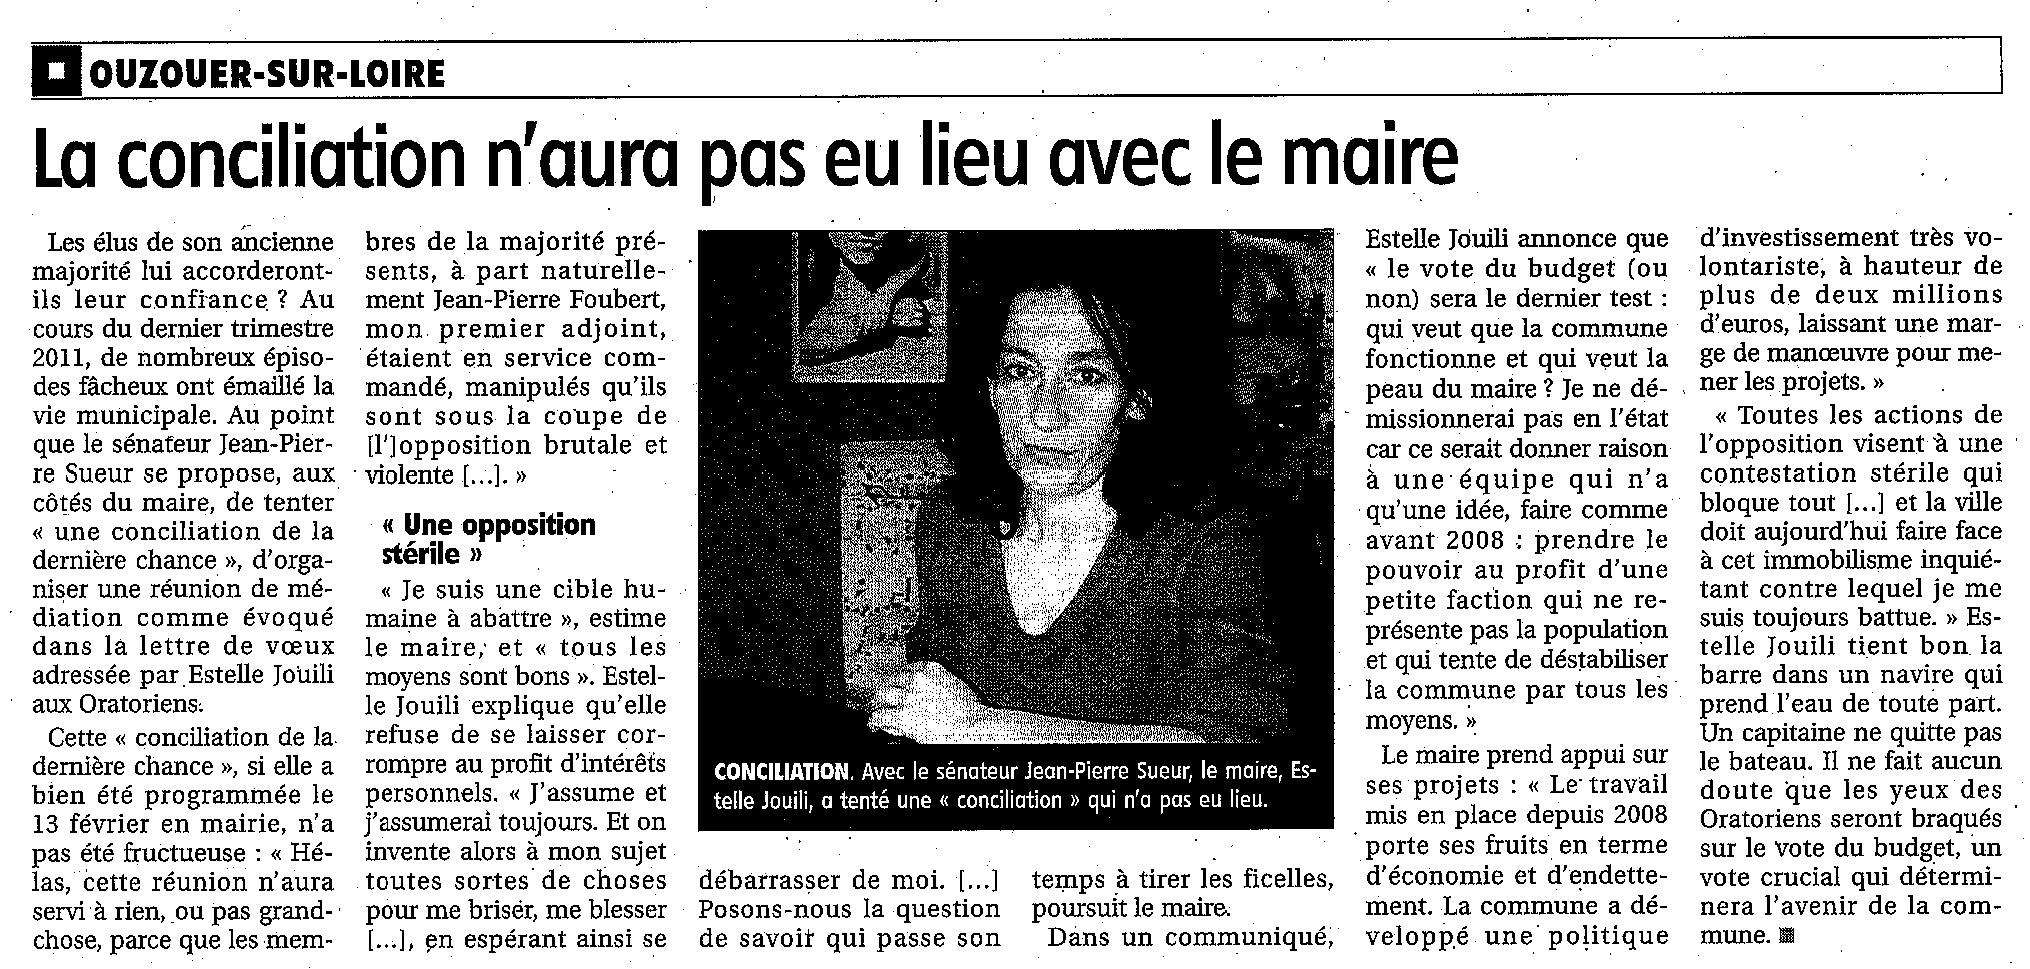 120222_LaRep_Ouzouer